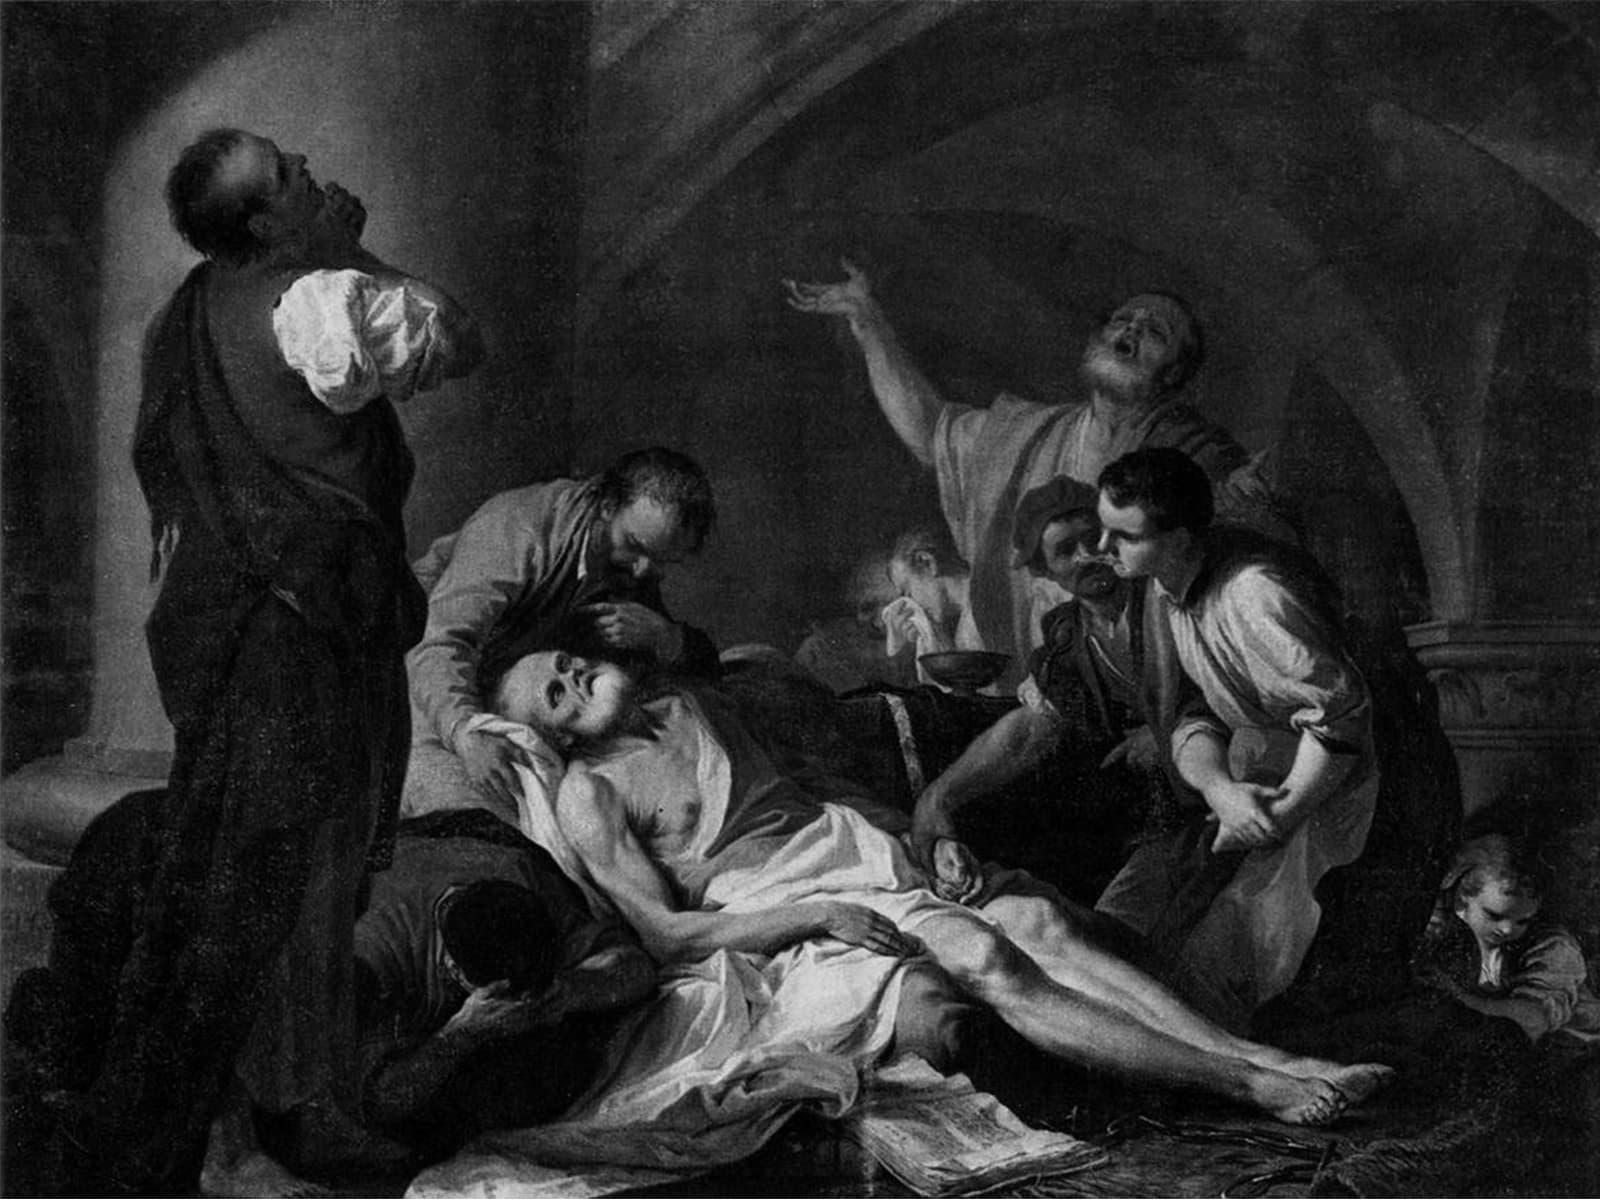 خطبة سقراط الأخيرة: أول من أعدم في التاريخ بسبب أفكاره